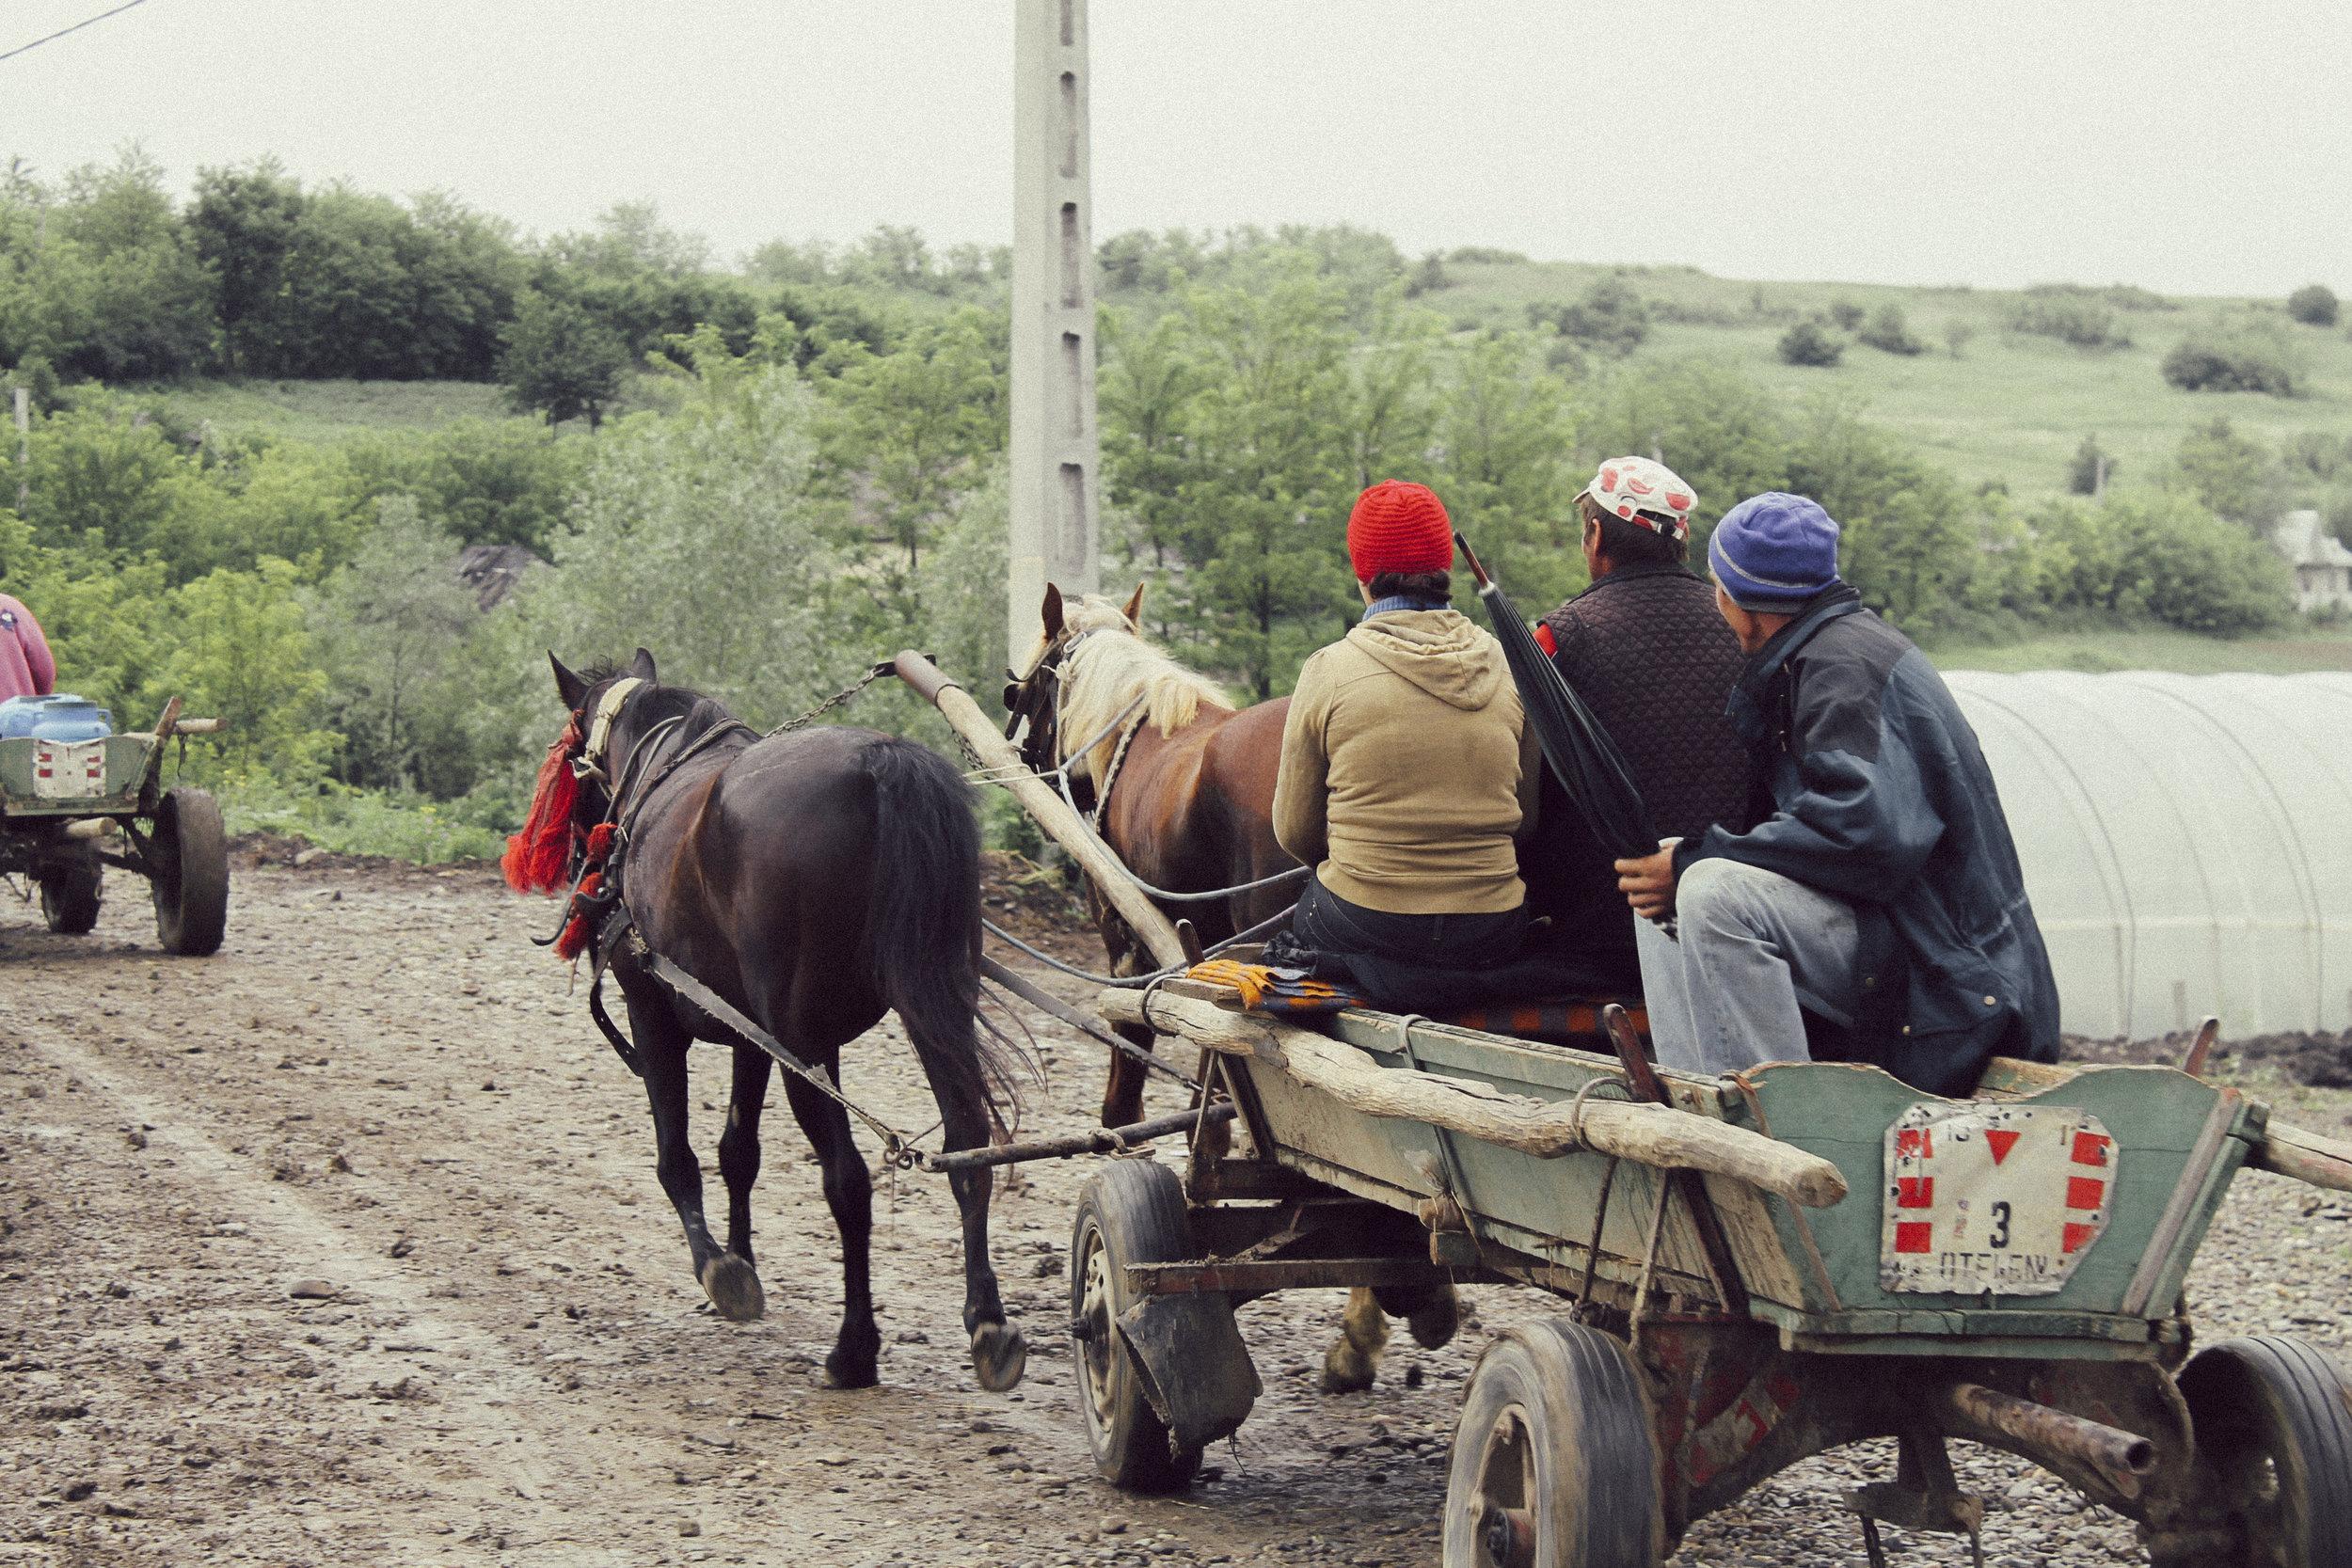 """Die Equiwent Hilfsorganisation kümmert sich hauptsächlich um die Arbeitspferde in Osteuropa, aber auch in anderen Ländern aktiv und in Deutschland. Equiwent ist mit drei eigenen mobilen Tierarztpraxen und 2 mobilen Hufschmieden in Ostrumänien (nahe der Stadt Iasi) der Ansprechpartner für unzählige Arbeitspferde. Seit Oktober 2015 betreibt Equiwent auch nun die erste """"Non-Profital-Tierklinik"""" in Rumänien, vermutlich die erste in Europa. Ein nachhaltiges Kastrationsprogramm für die Hunde der mittellosen Landbevölkerung senkt die Anzahl der Strassenhunde.  Außerdem hat Equiwent eine umpfängliche Station in Deutschland, Tierärzte und Hufspezialisten kümmern sich hier um Pferde in Not, beschlagnahmte Pferde usw.. Von dieser """"deutschen Hauptstelle"""" werden die welweiten Einsätze koordiniert. Beispielsweise USA, Afrika; China, diverse Inselstaaten usw…   Zurück zum Hauptprojekt Ostrumänien: Der erste Schritt ist stets die medizinische und orthopädische Versorgung der Arbeitspferde, sowie der Ergänzug von fehlenden Ausrüstungsgegenständen zB Halfter und Gebisse. Der zweite Schritt ist die Schulung und Sensibilisierung der Besitzer. Das besondere an den Equiwent Hilfe e.V. ist die ehrenamtliche Organisation. Equiwent besteht aus Tierärzten, Fachkräften und Hufschmieden. Das macht uns zu etwas besonderem!"""